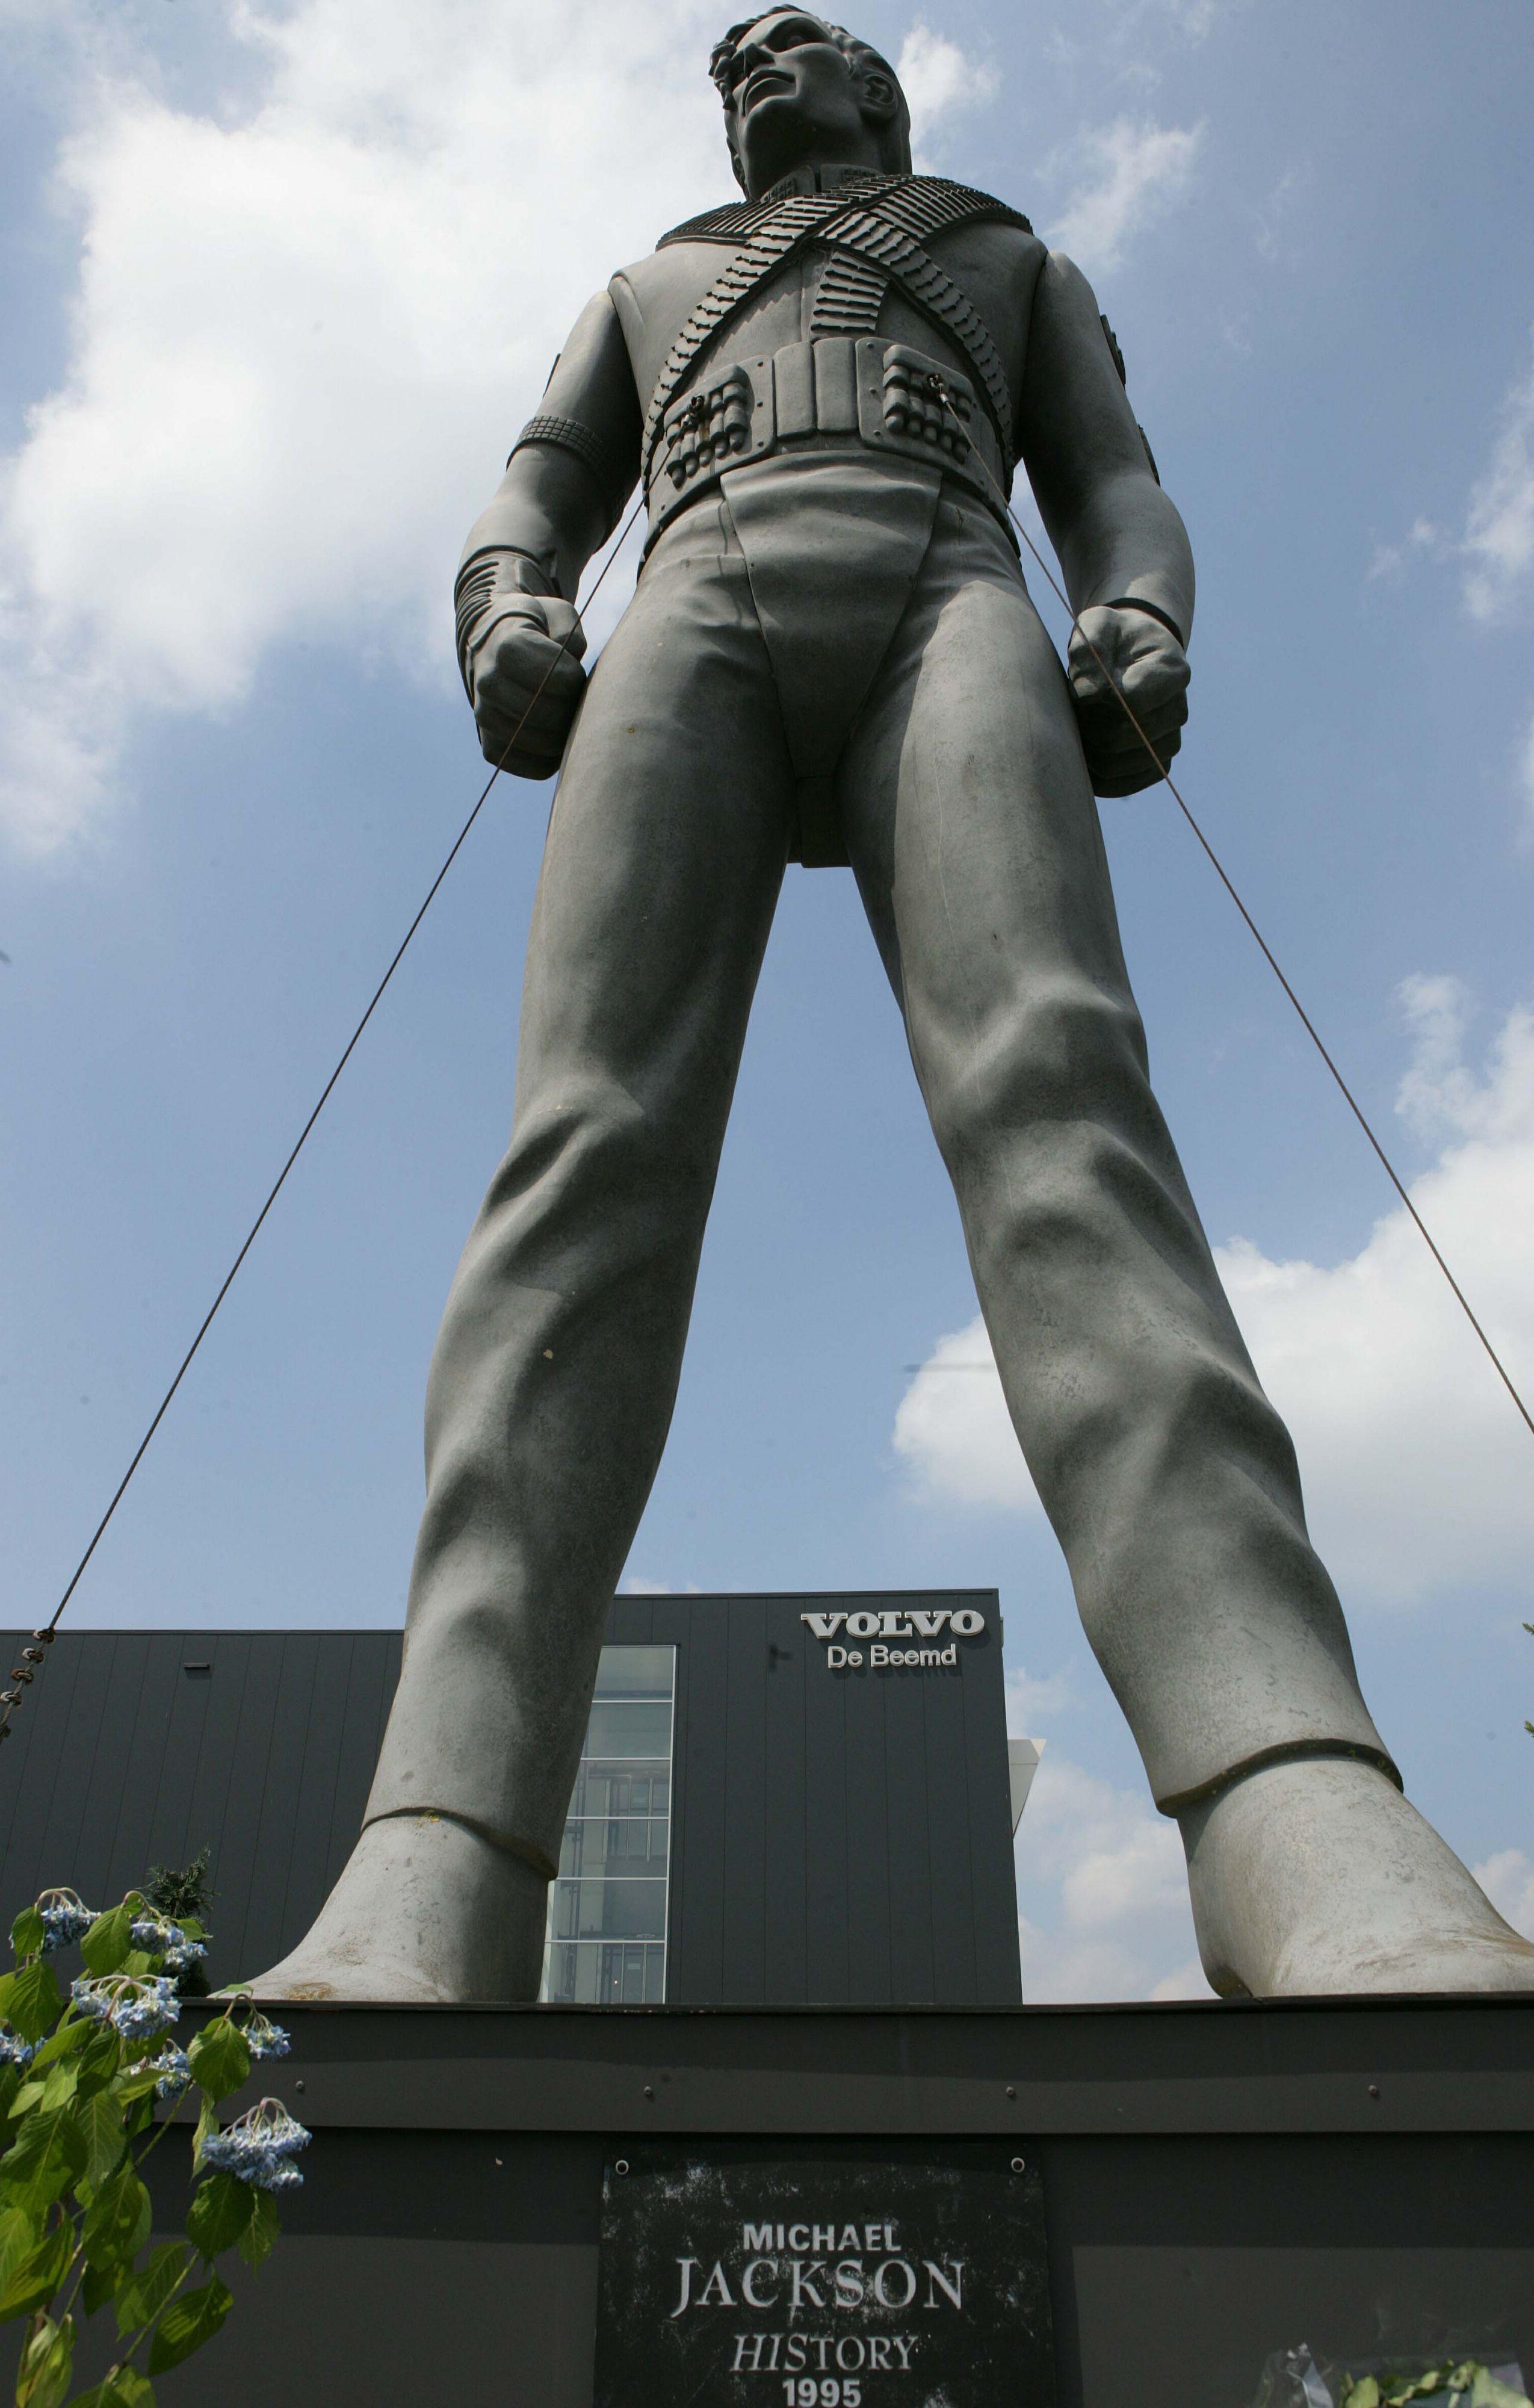 Standbeeld MJ weg: Hij blijft belangrijk voor muziek